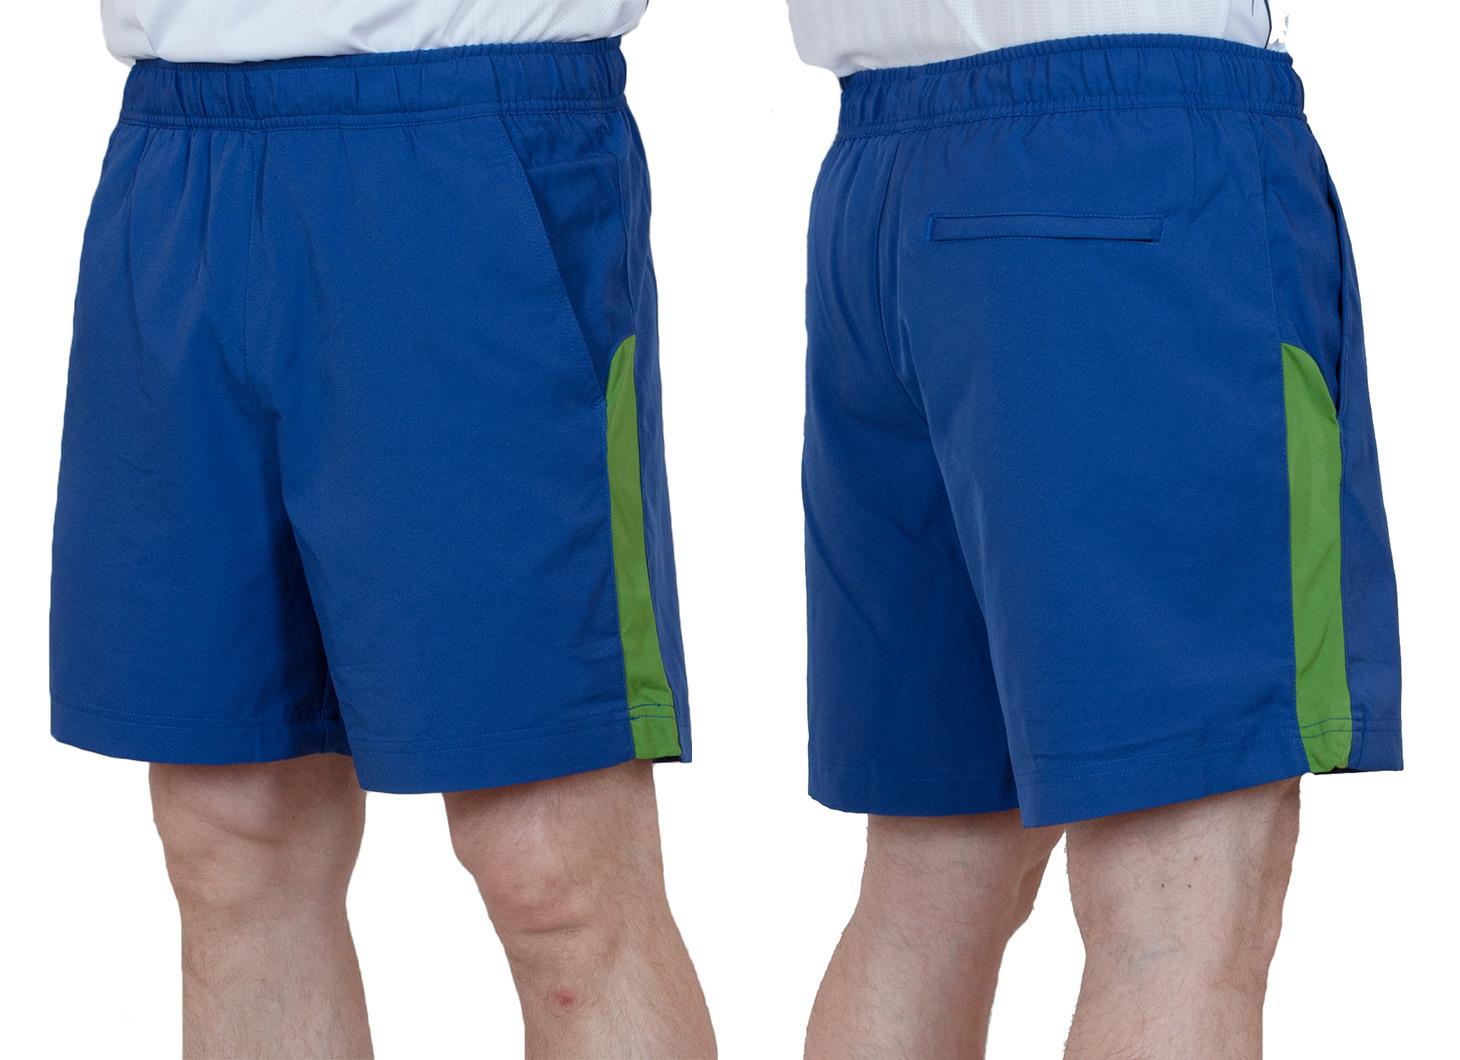 Заказать теннисные шорты для мужчин